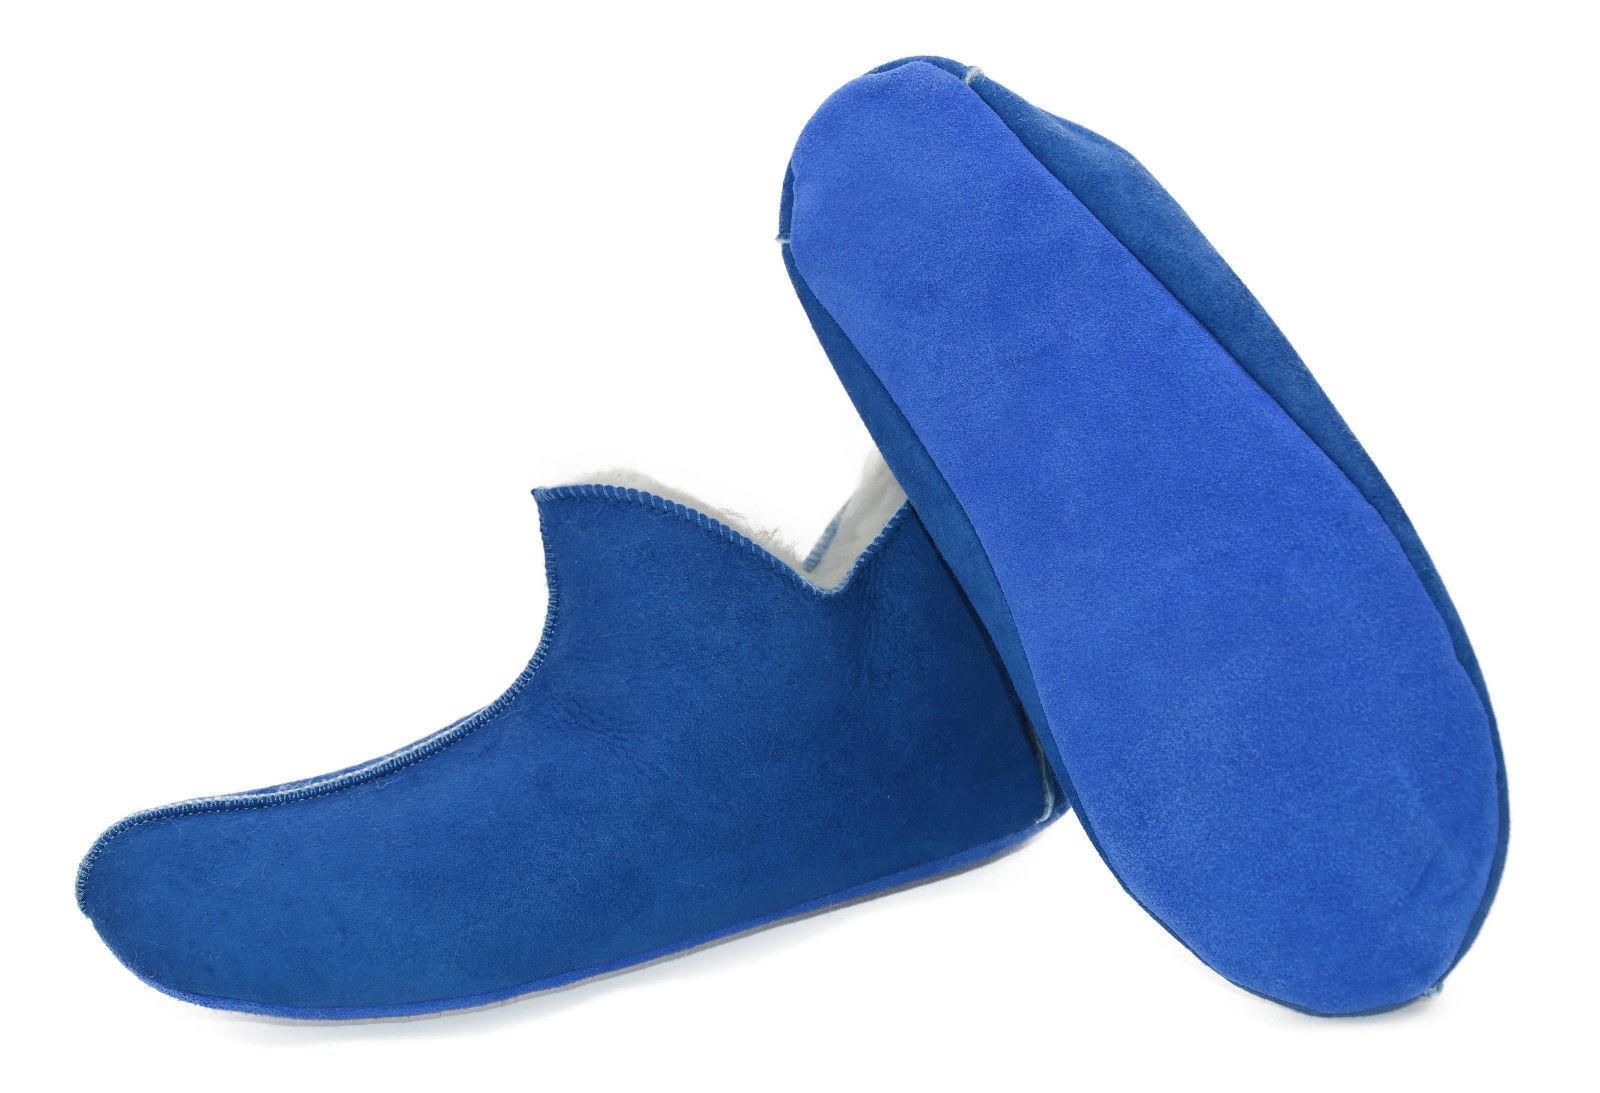 Lammfell Leder Mokassin Hausschuhe Pantoffeln Hüttenschuhe Fell ballerina Blau